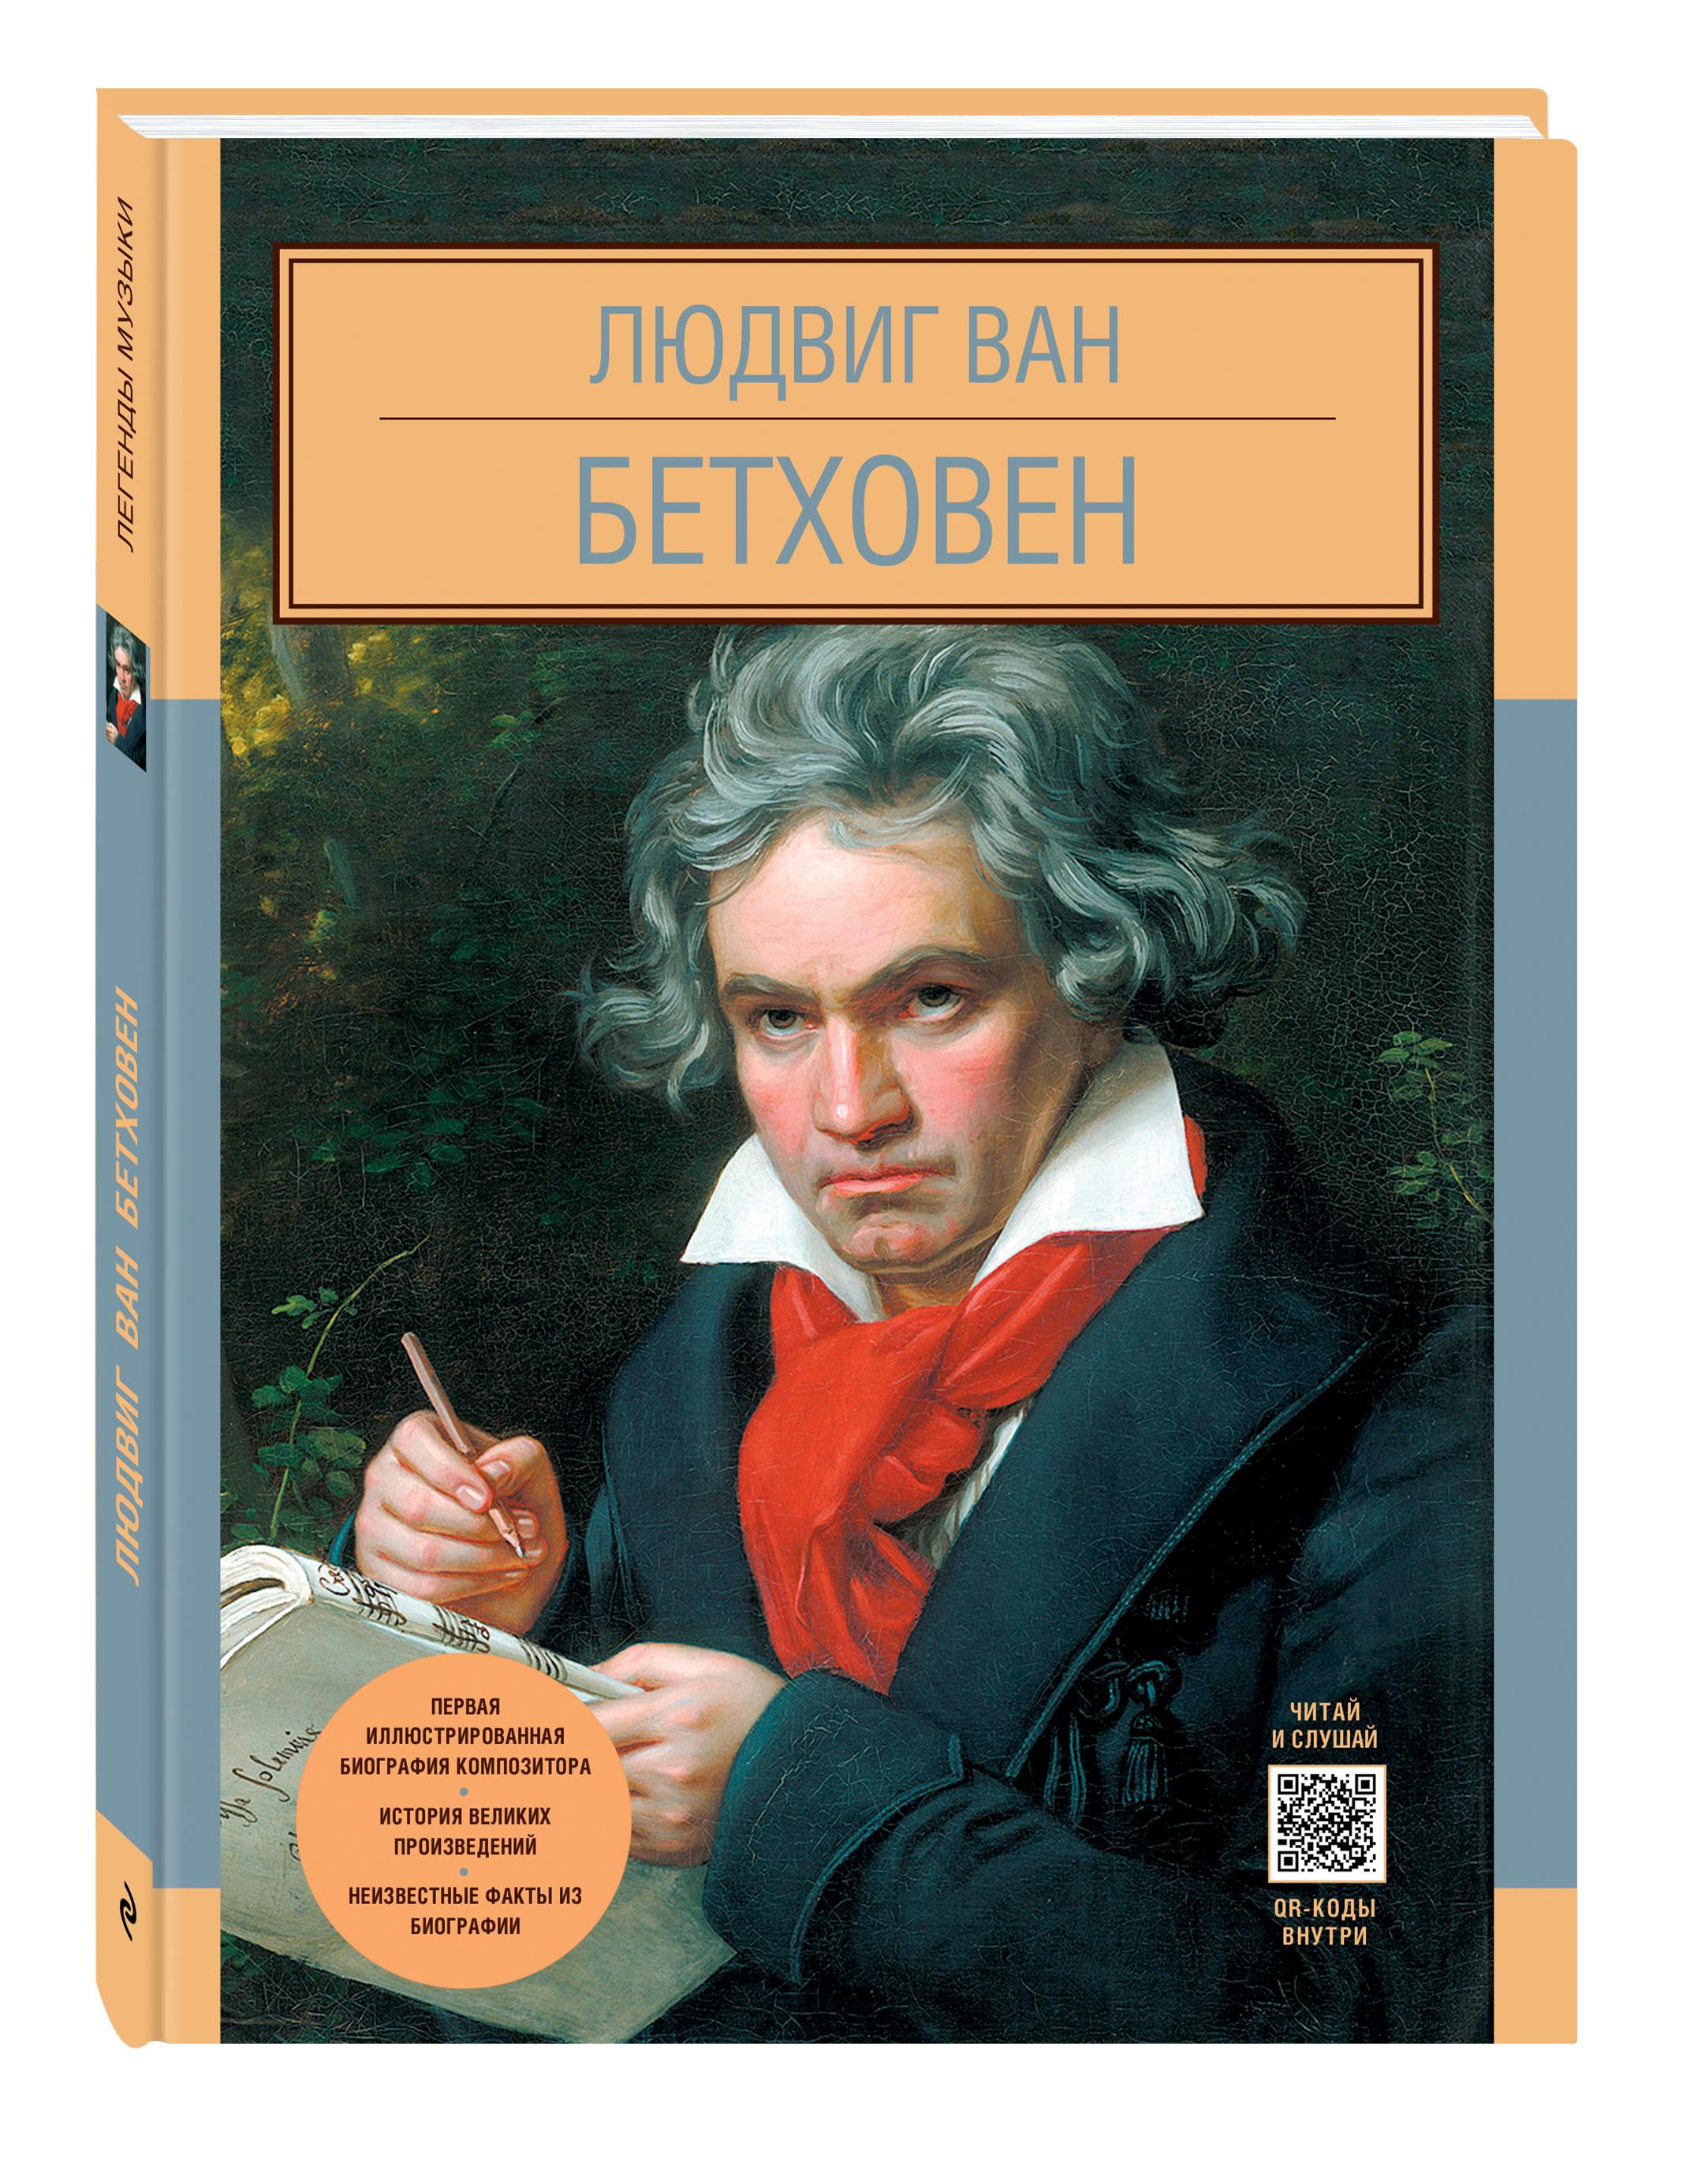 Купить со скидкой Людвиг Ван Бетховен